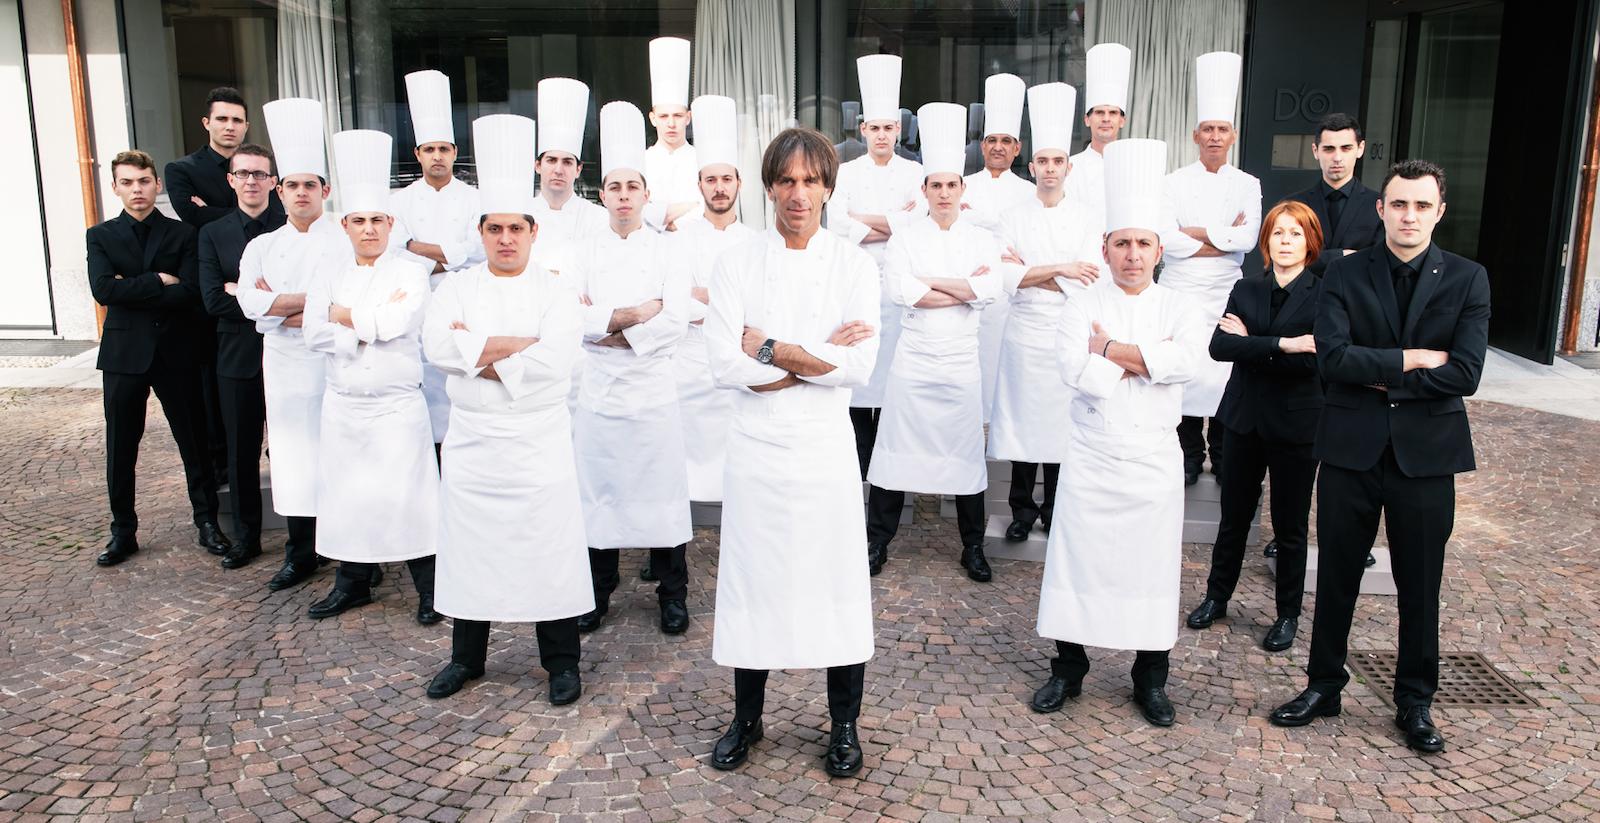 Lo staff del Ristorante D'O di Davide Oldani (Photo by Sebastiano Rossi)